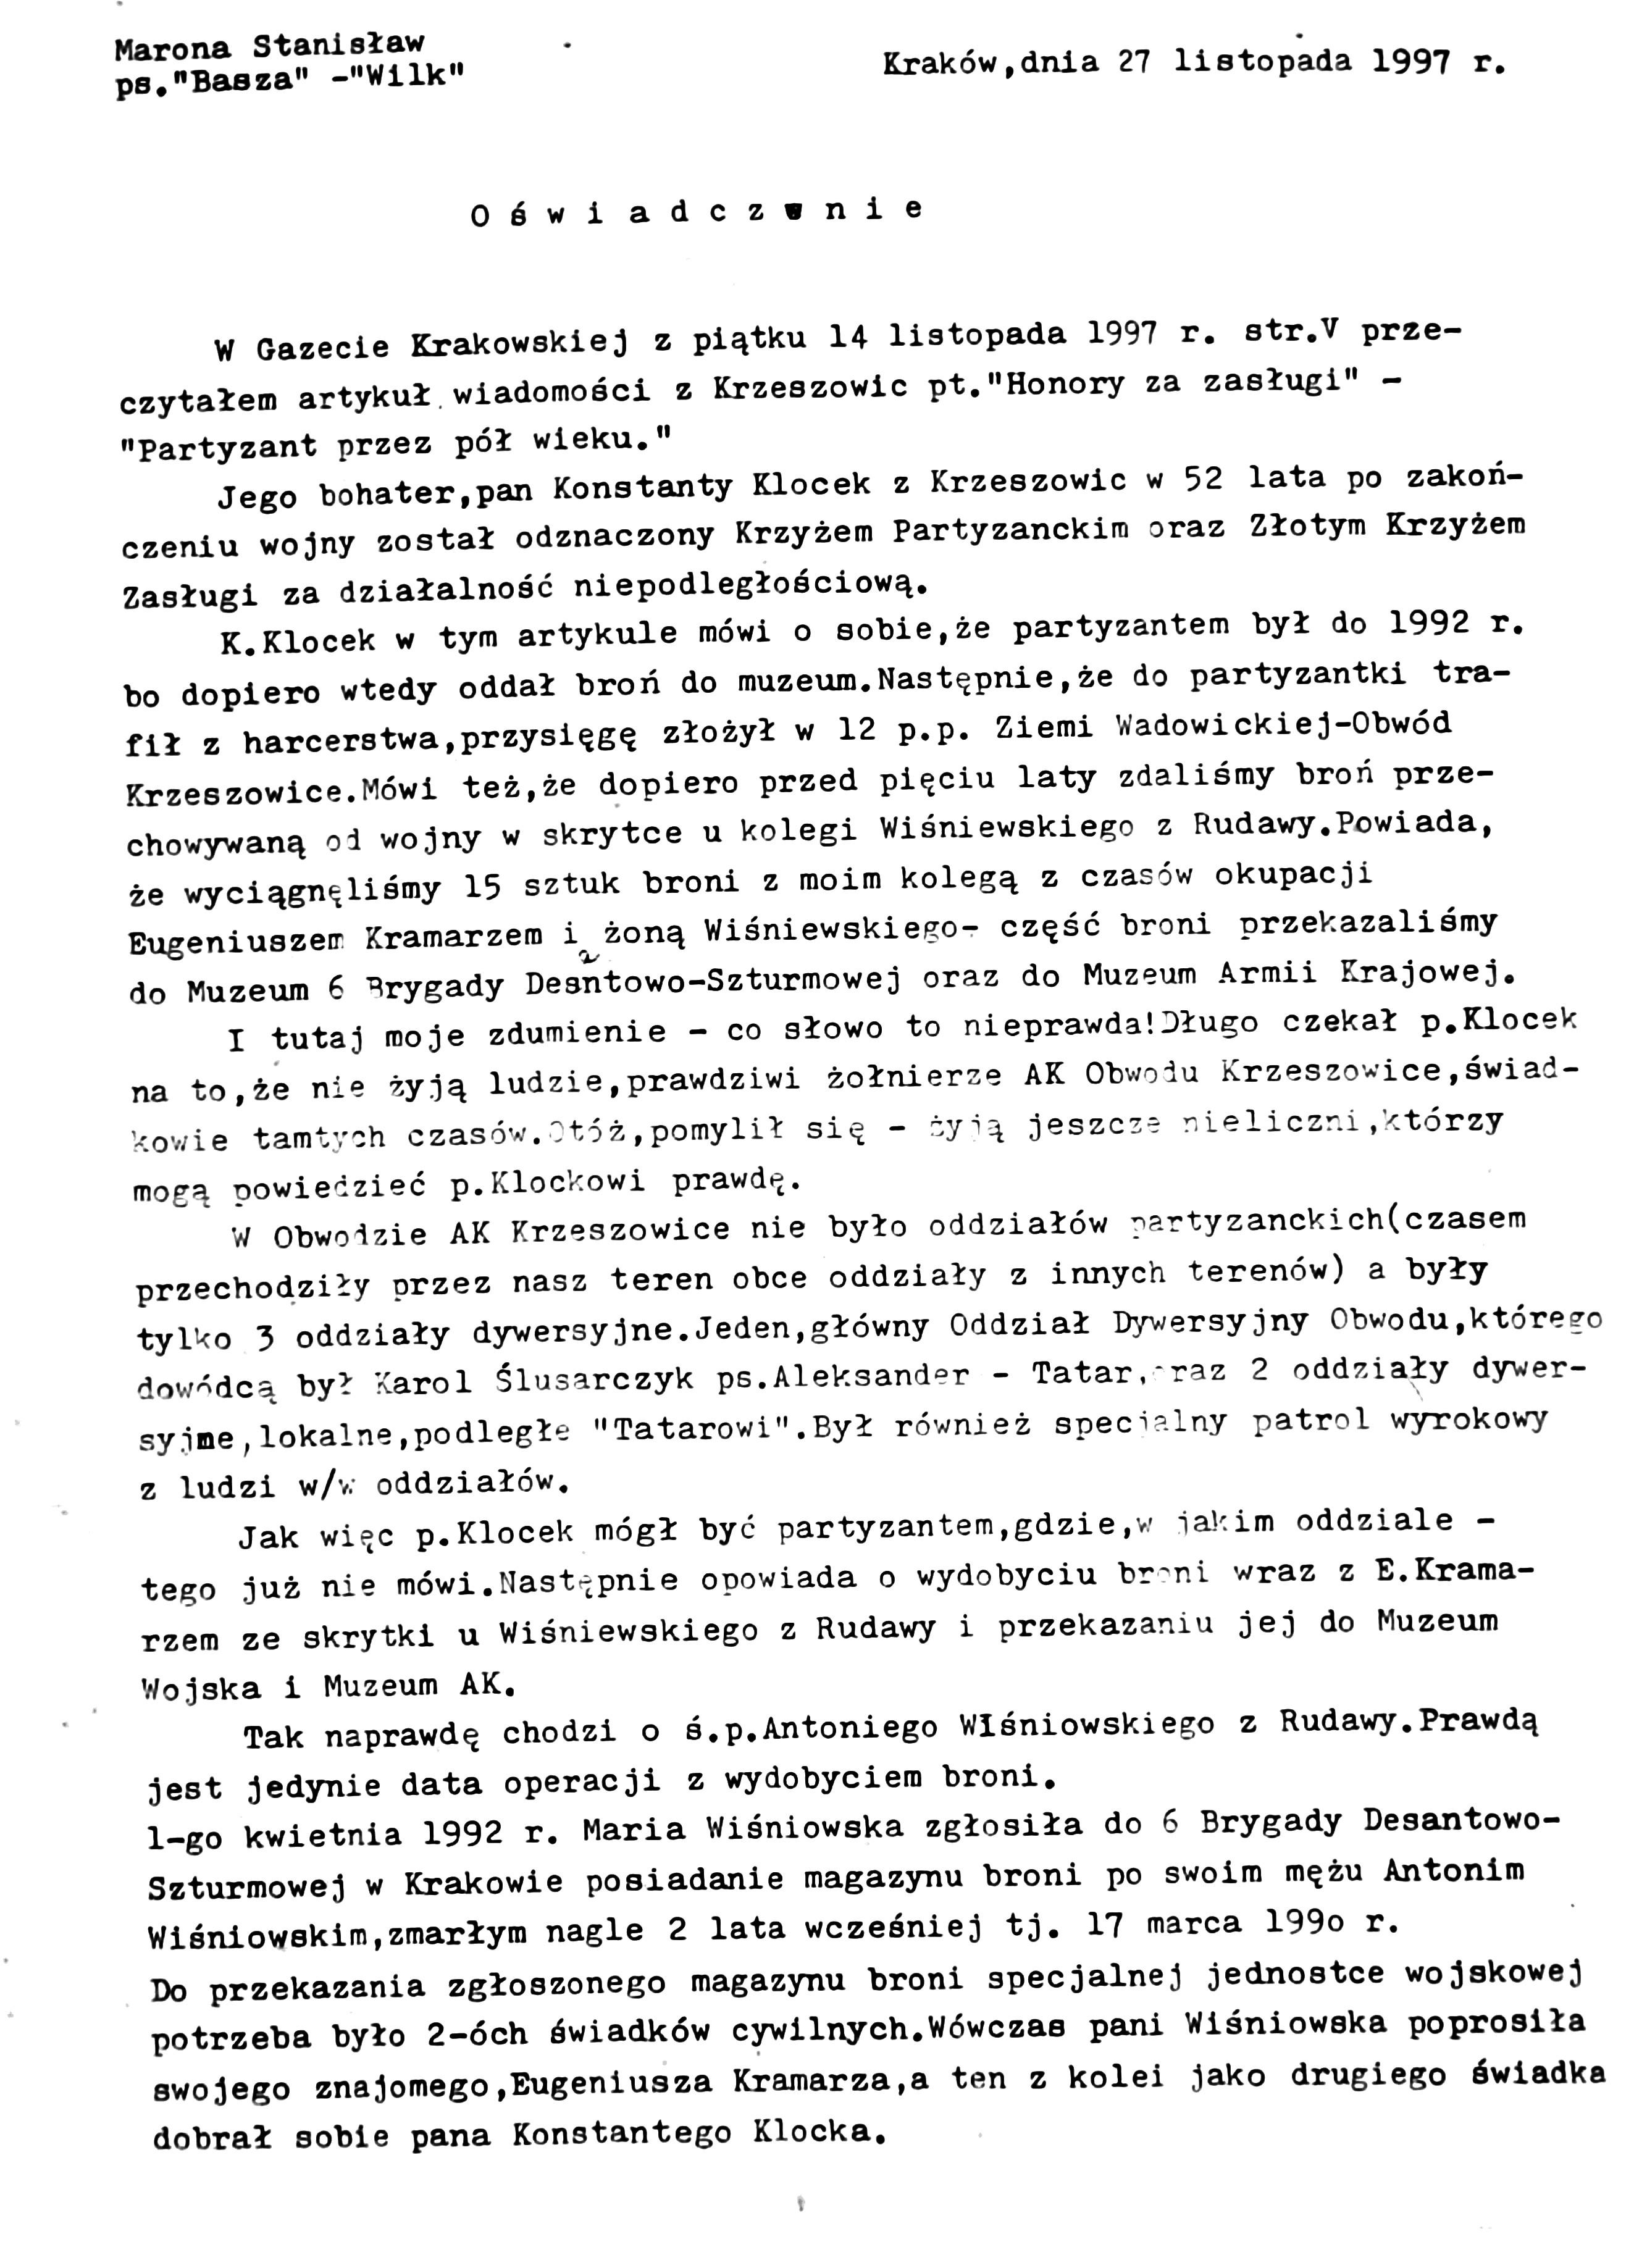 Oświadczenie 1